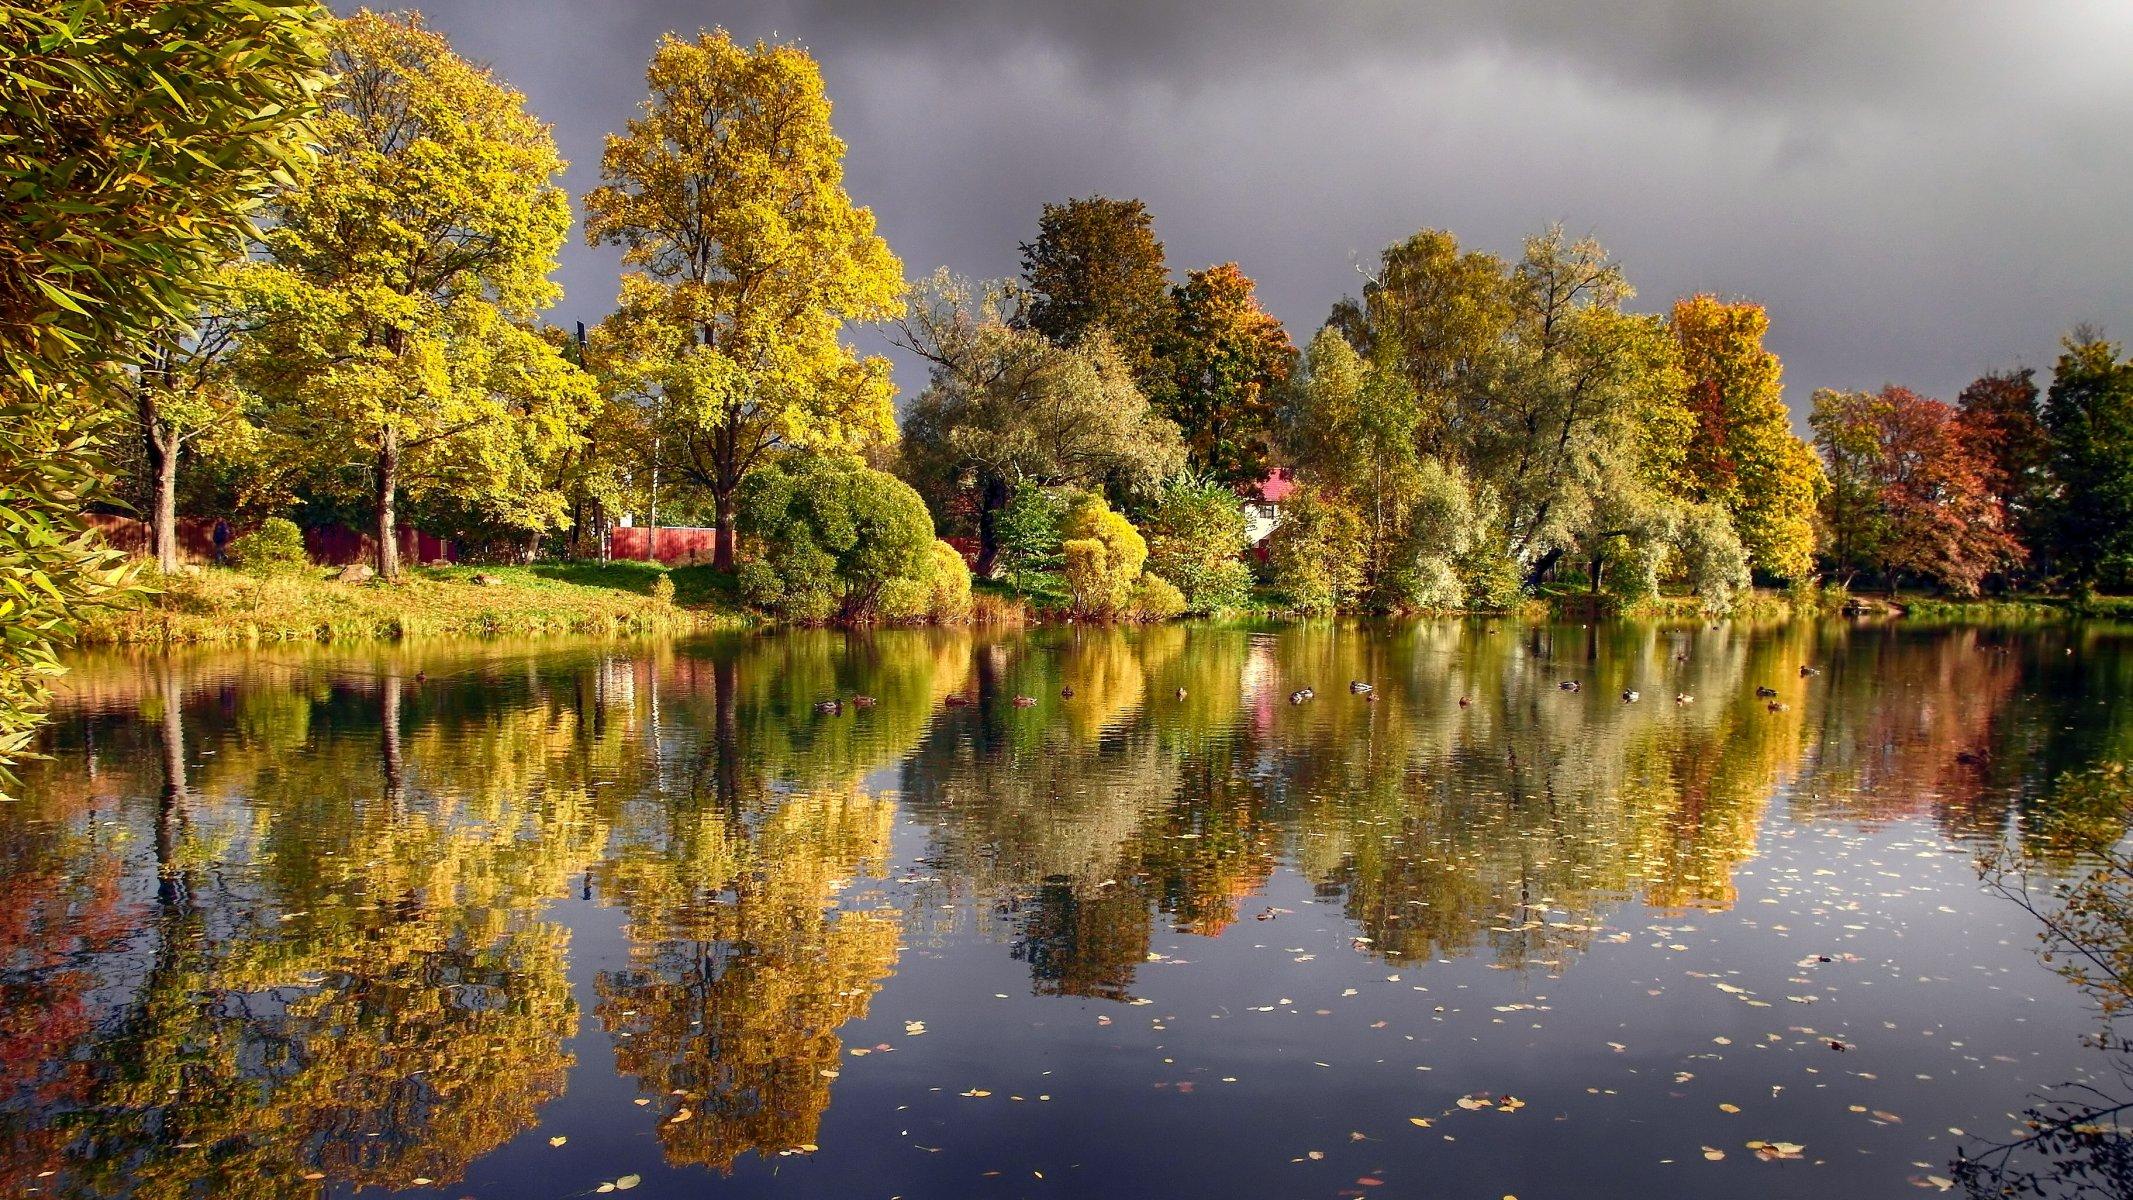 осень на пруду картинки внимание сетку нижней